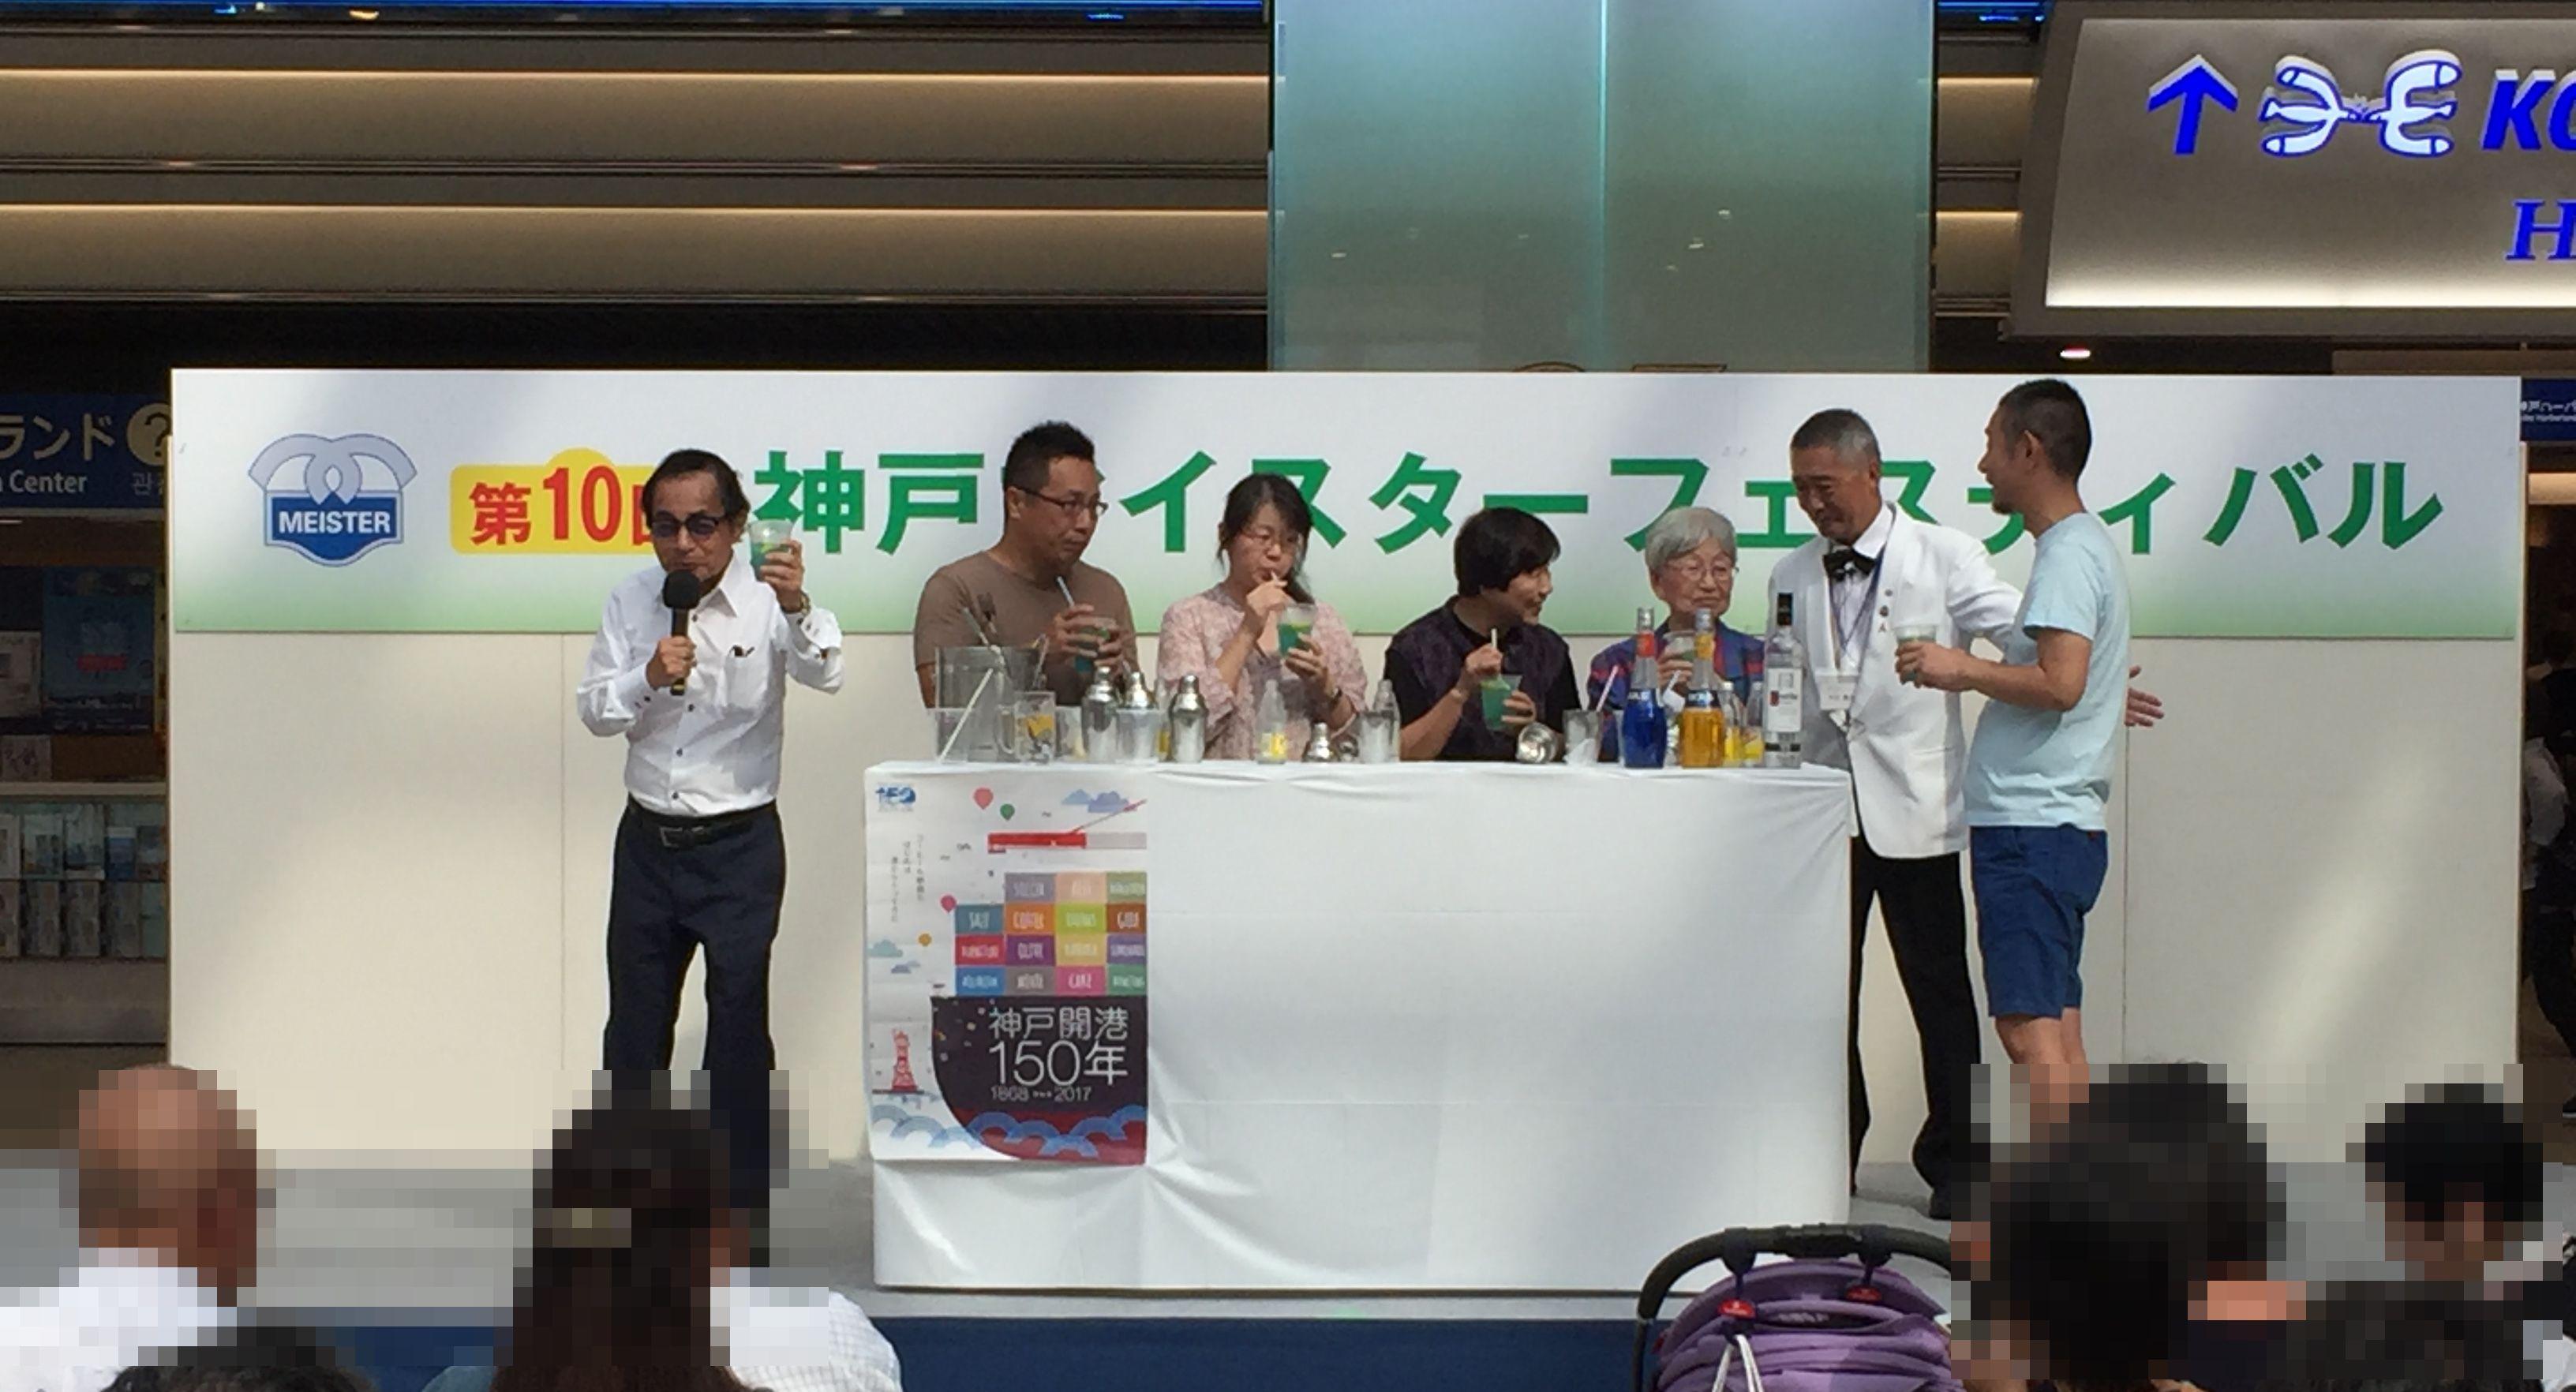 「第10回 神戸マイスターフェスティバル」がデュオこうべで9/10に開催されたよ【※写真付レポ】 #神戸マイスターフェスティバル